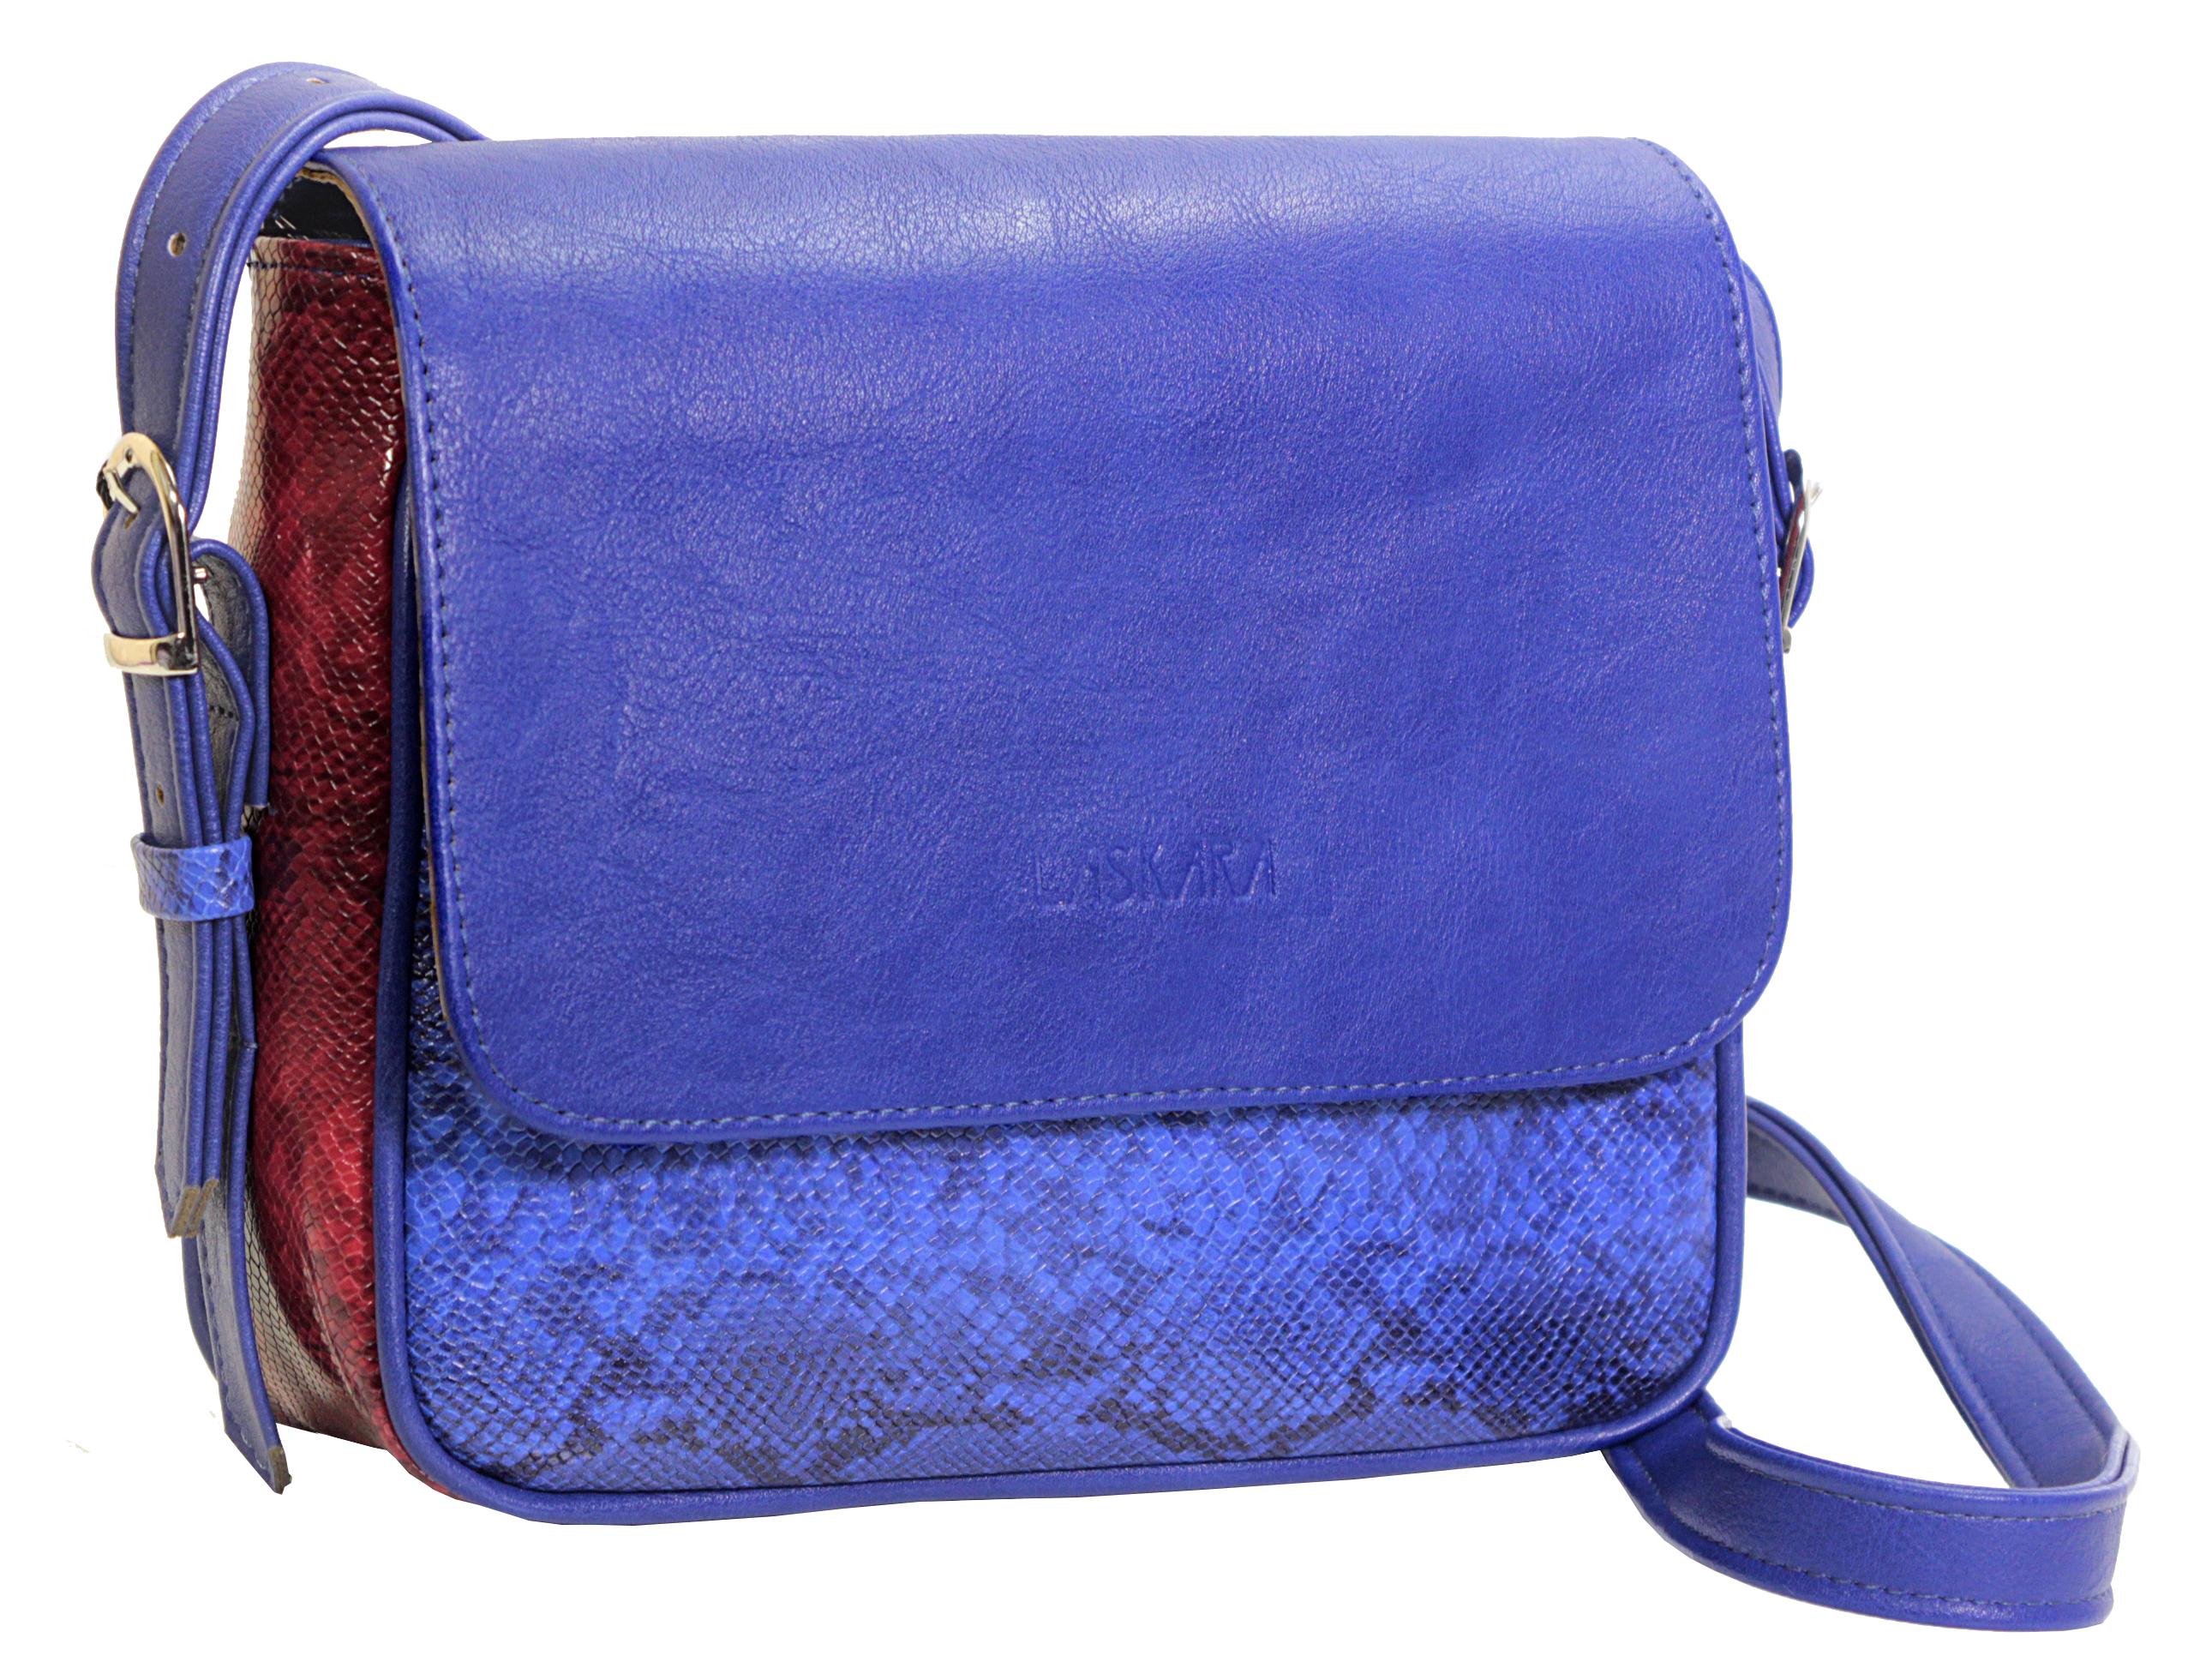 Crossbody kabelka s hadím vzorem 11-10245-blue-snake - boční pohled